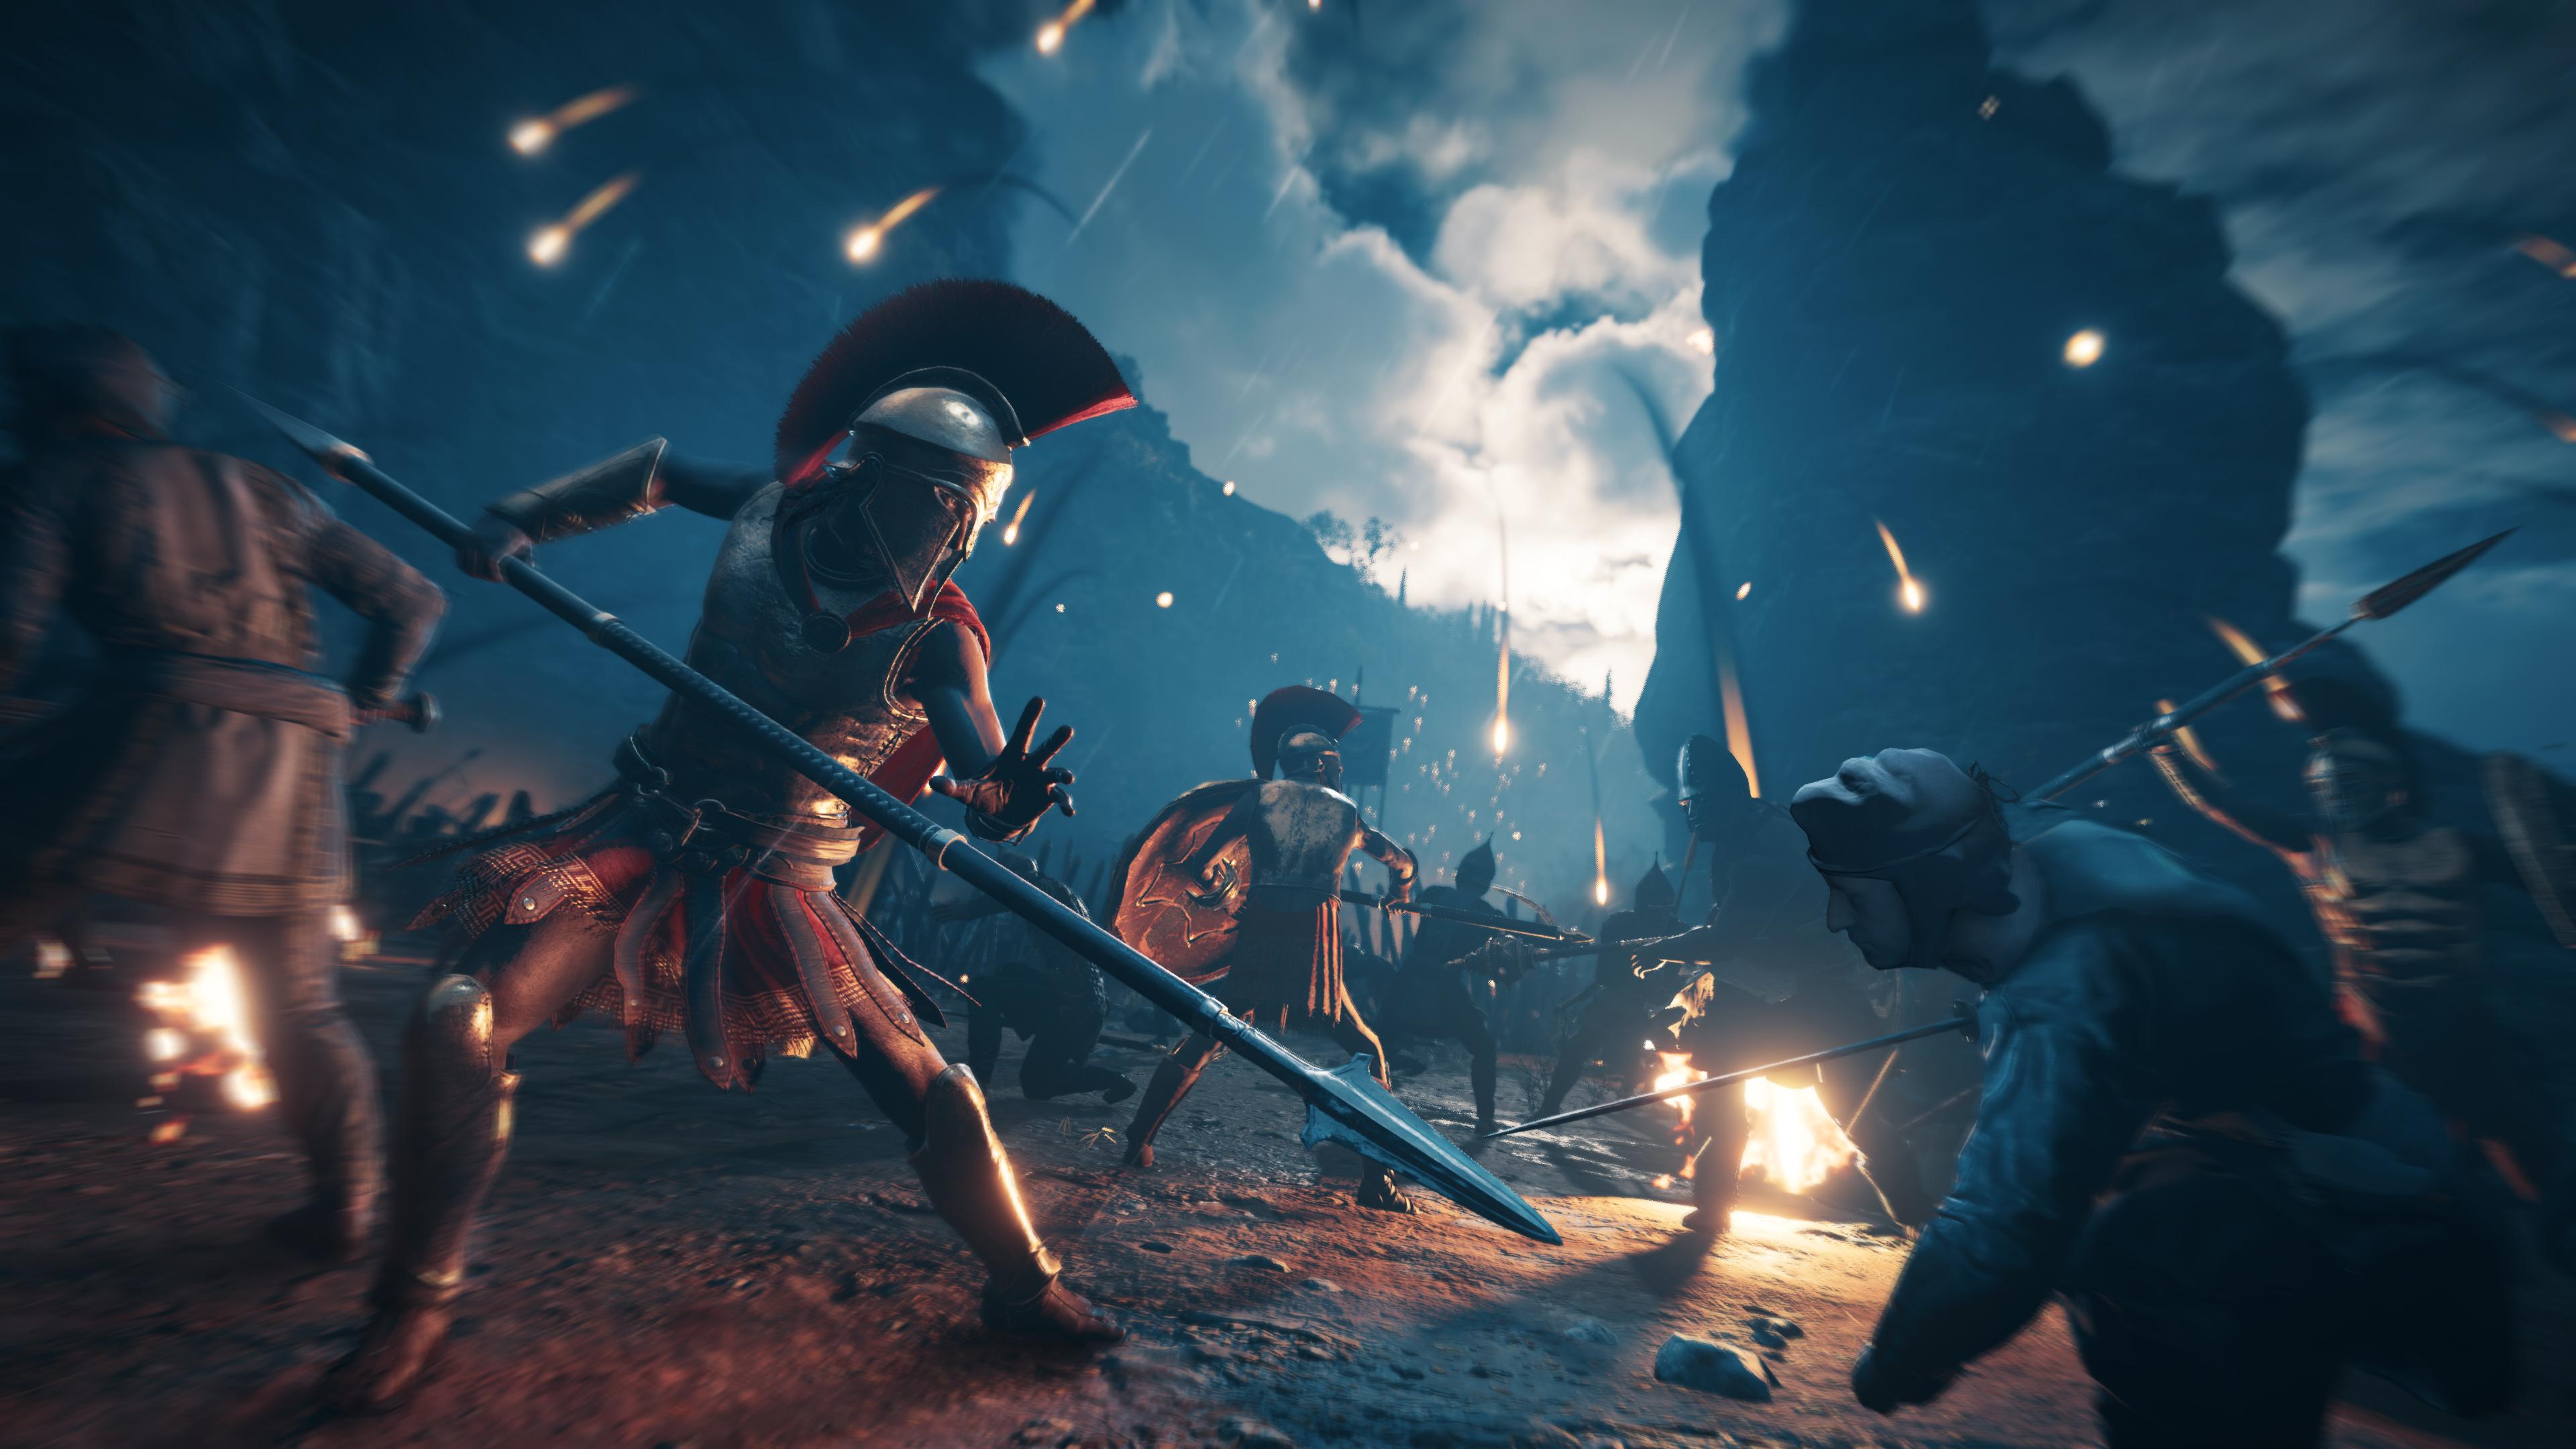 Assassin's Creed Odyssey, abbiamo provato le prime ore del gioco Ubisoft